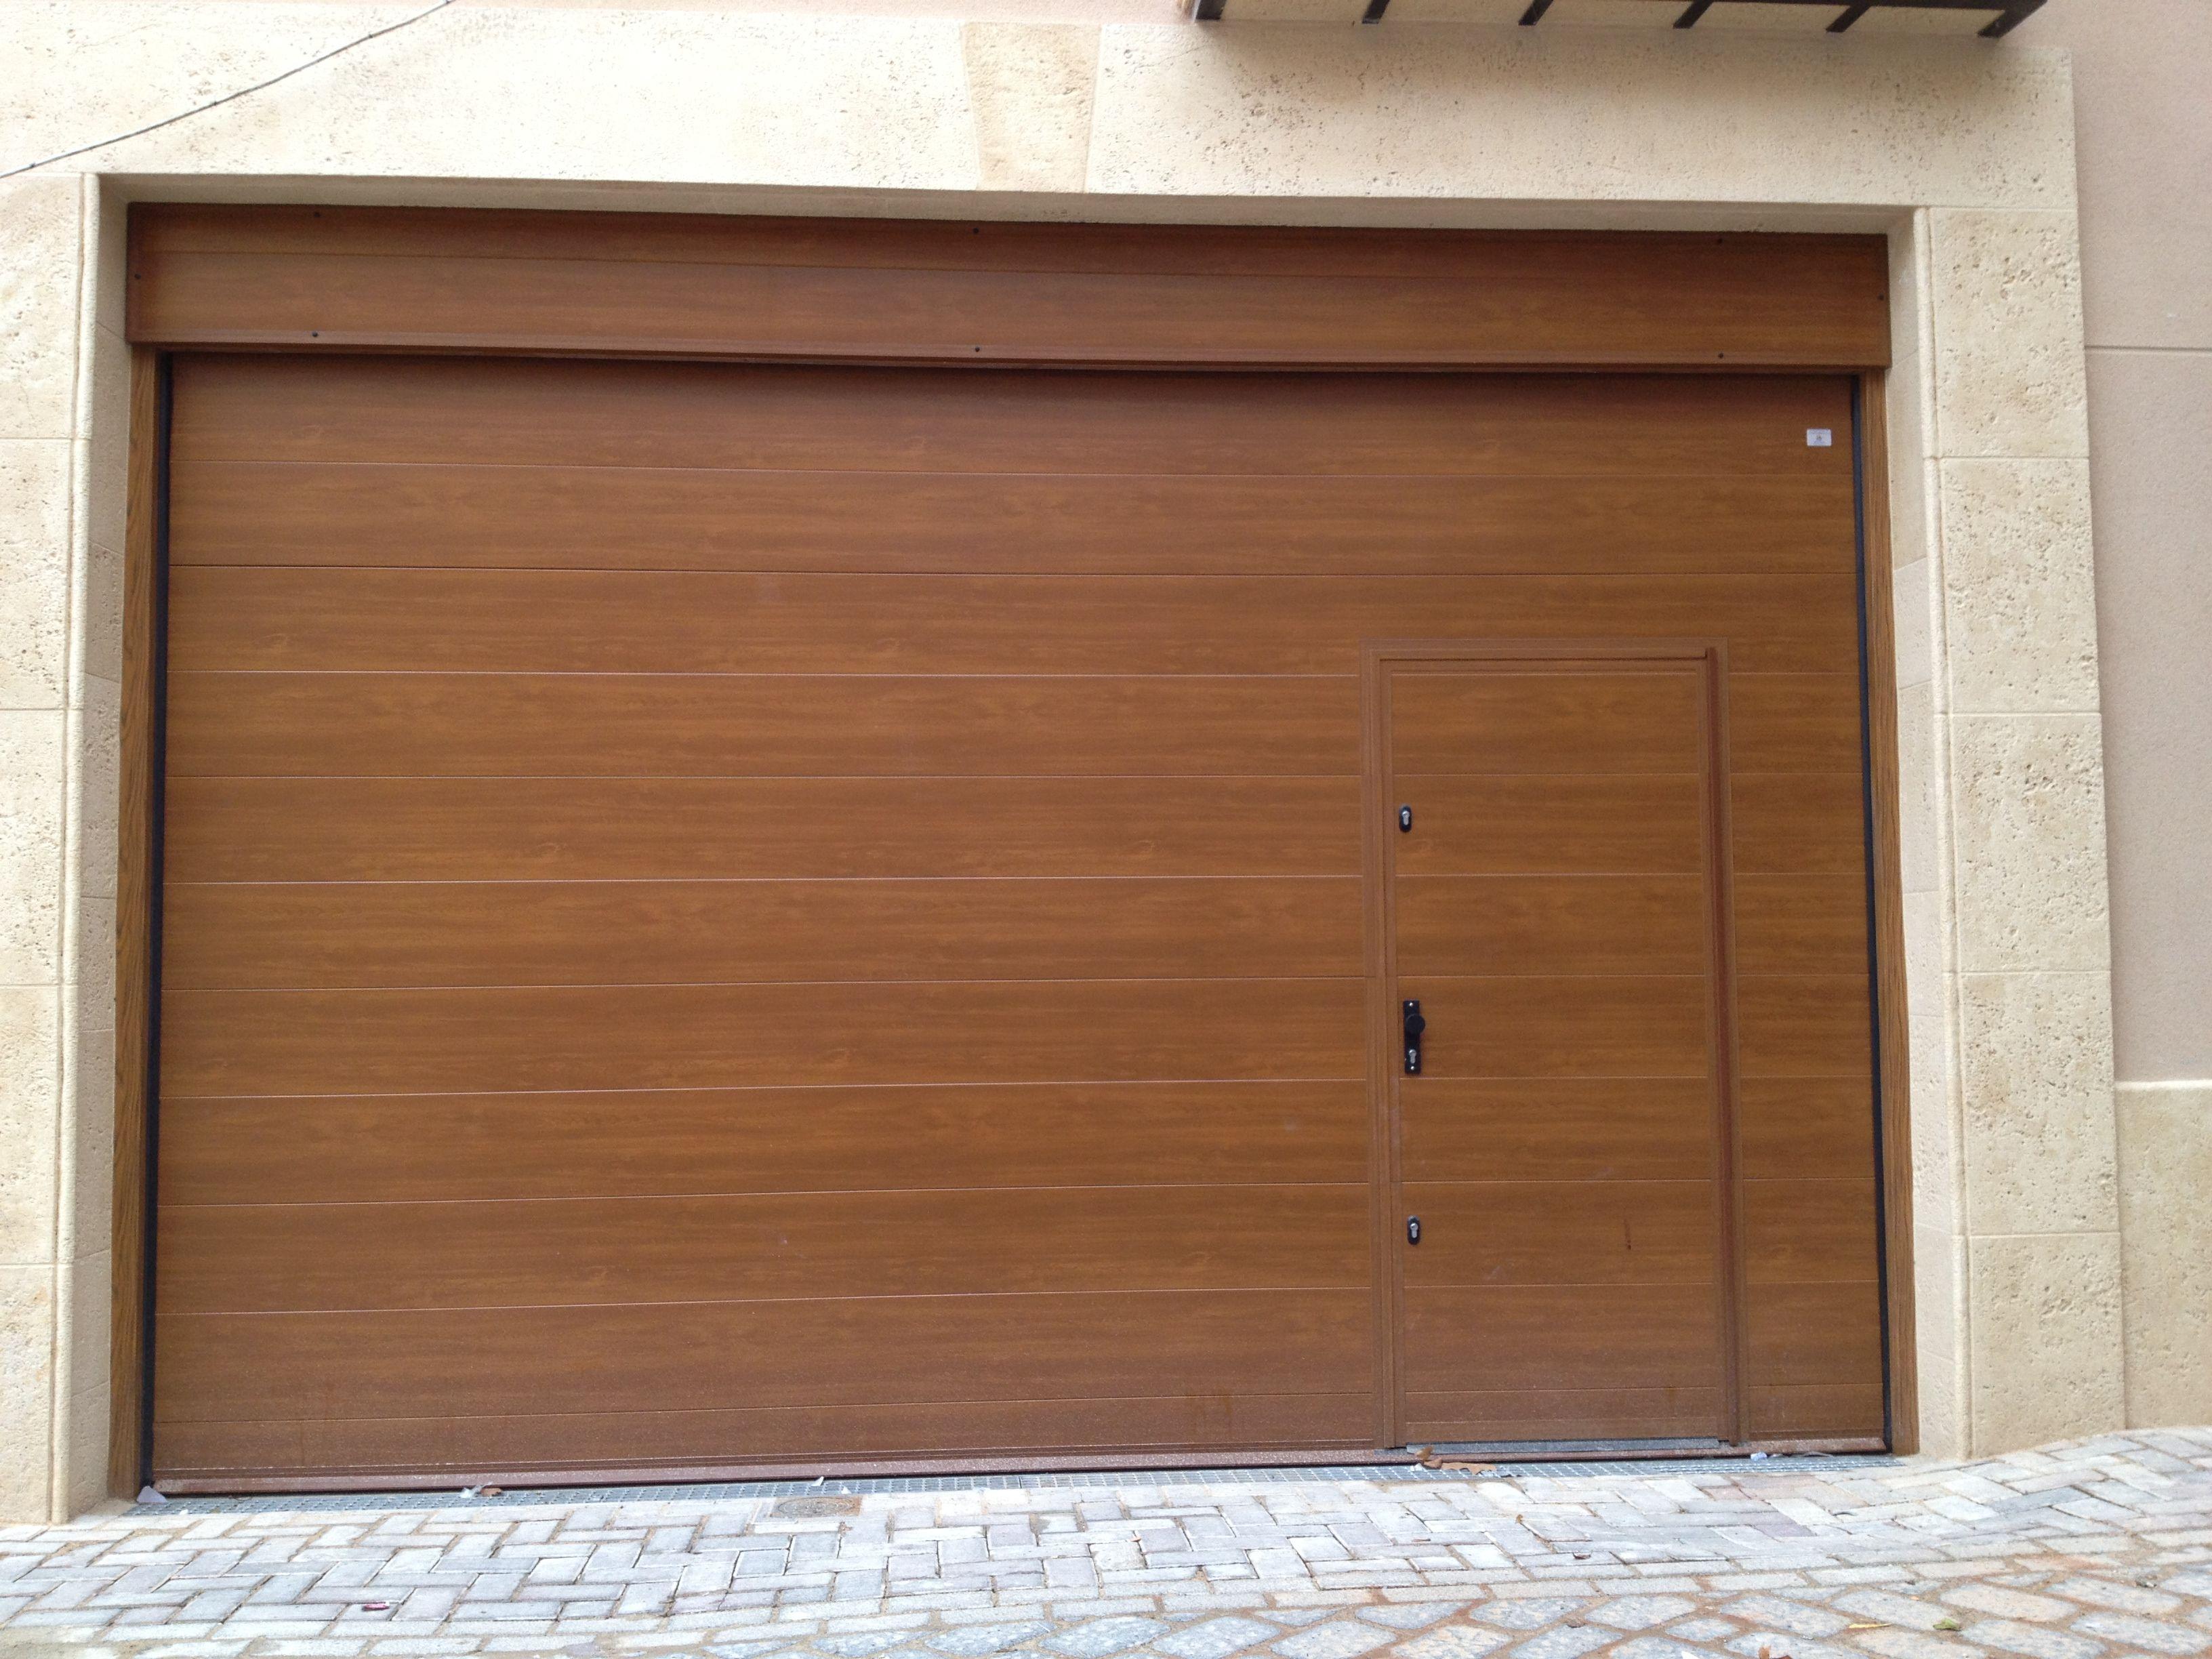 Puertas seccionales barcelona 43962 puertas ideas - Puertas madera barcelona ...